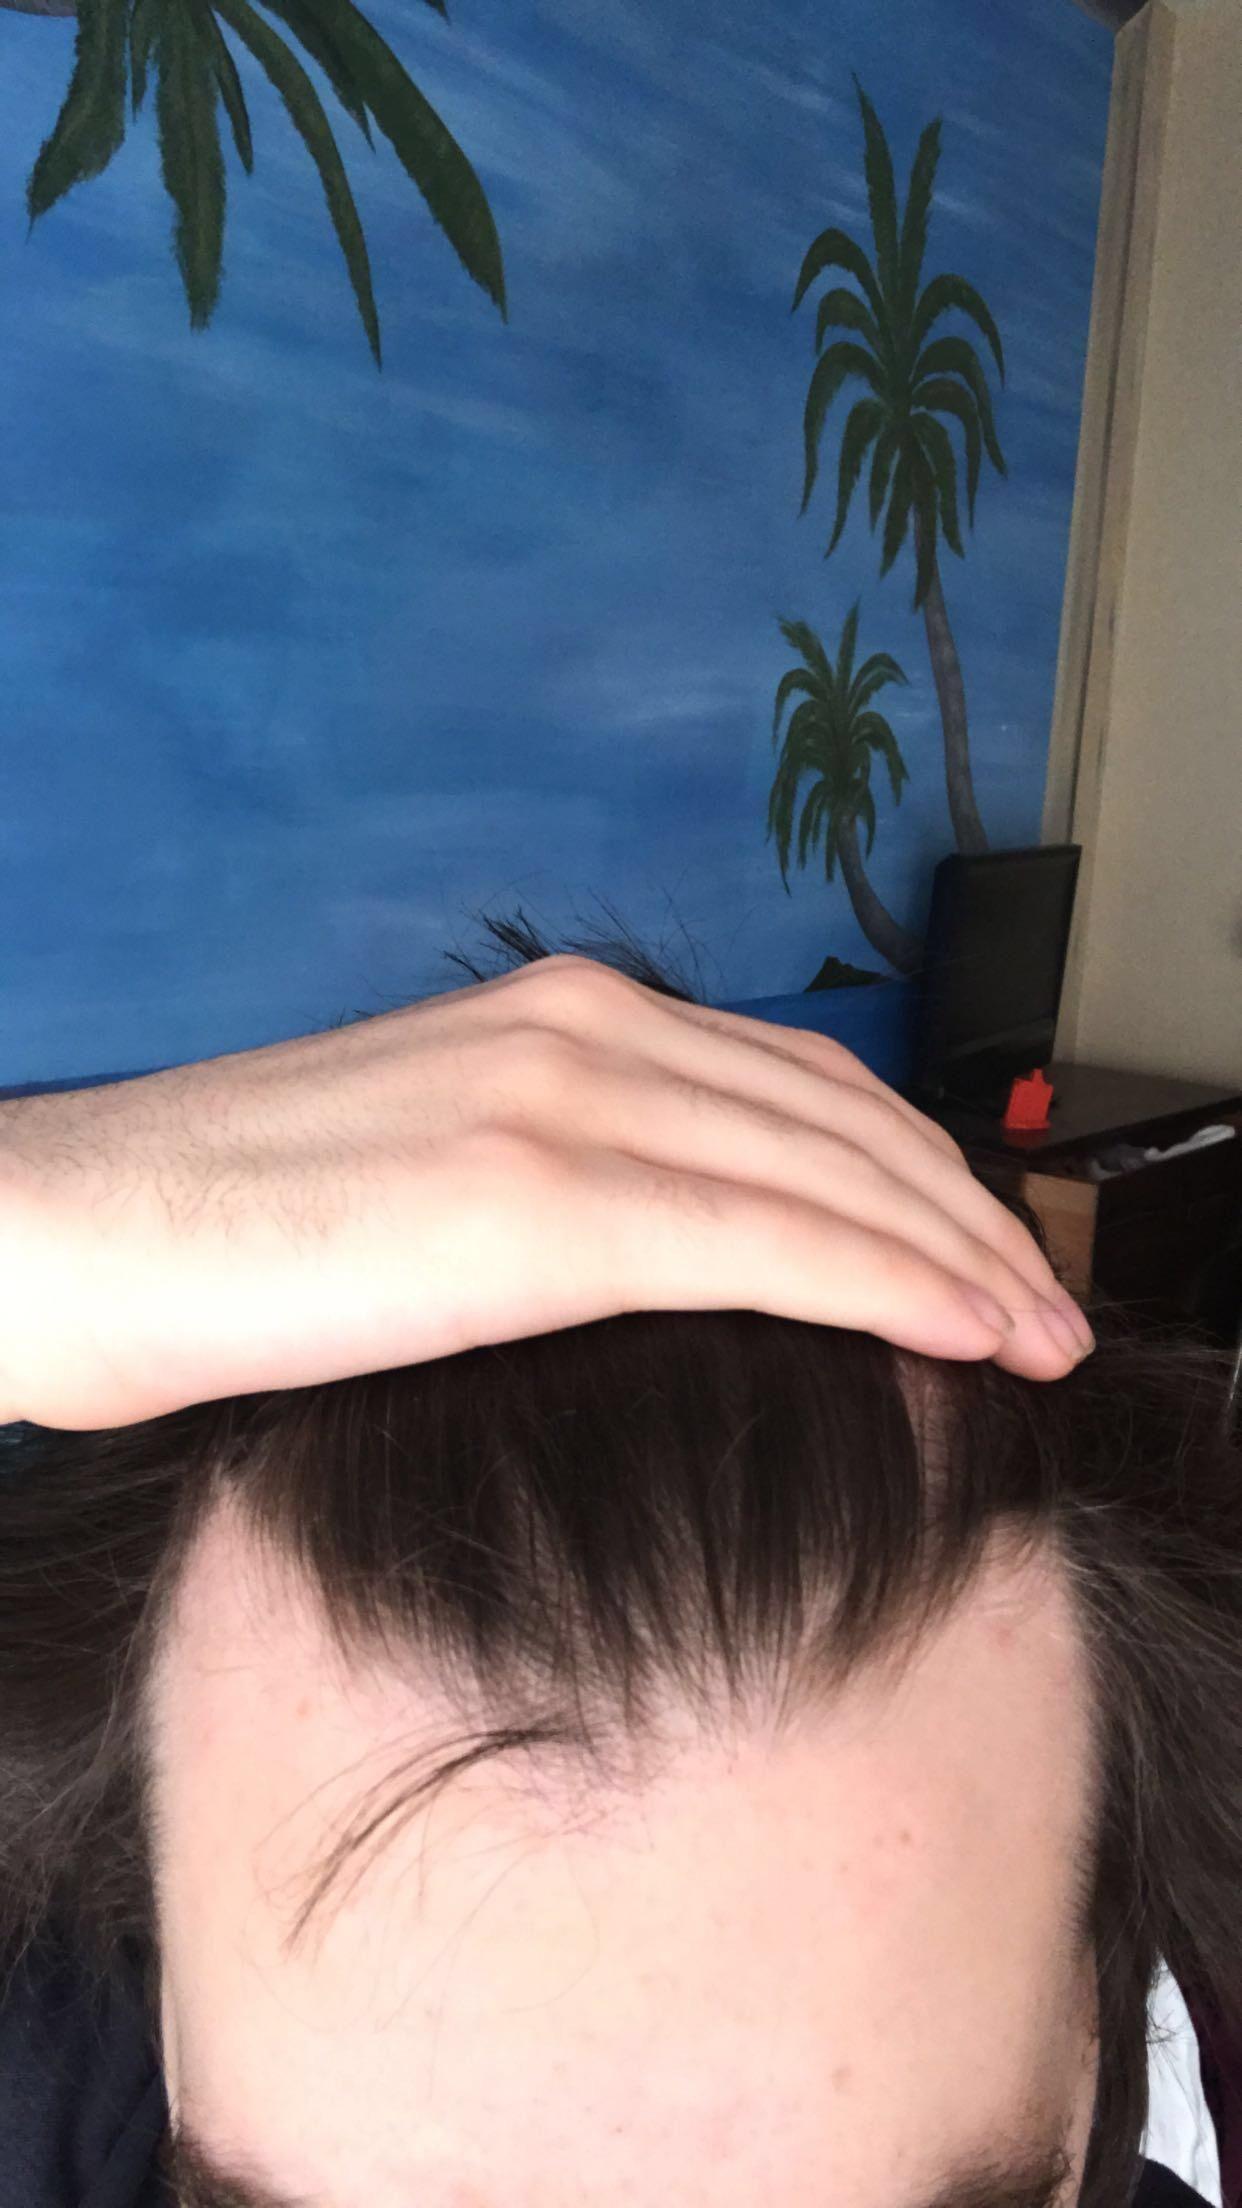 Mature Hairline Or Receding 18? Http://ift.tt/2BPJGJ6